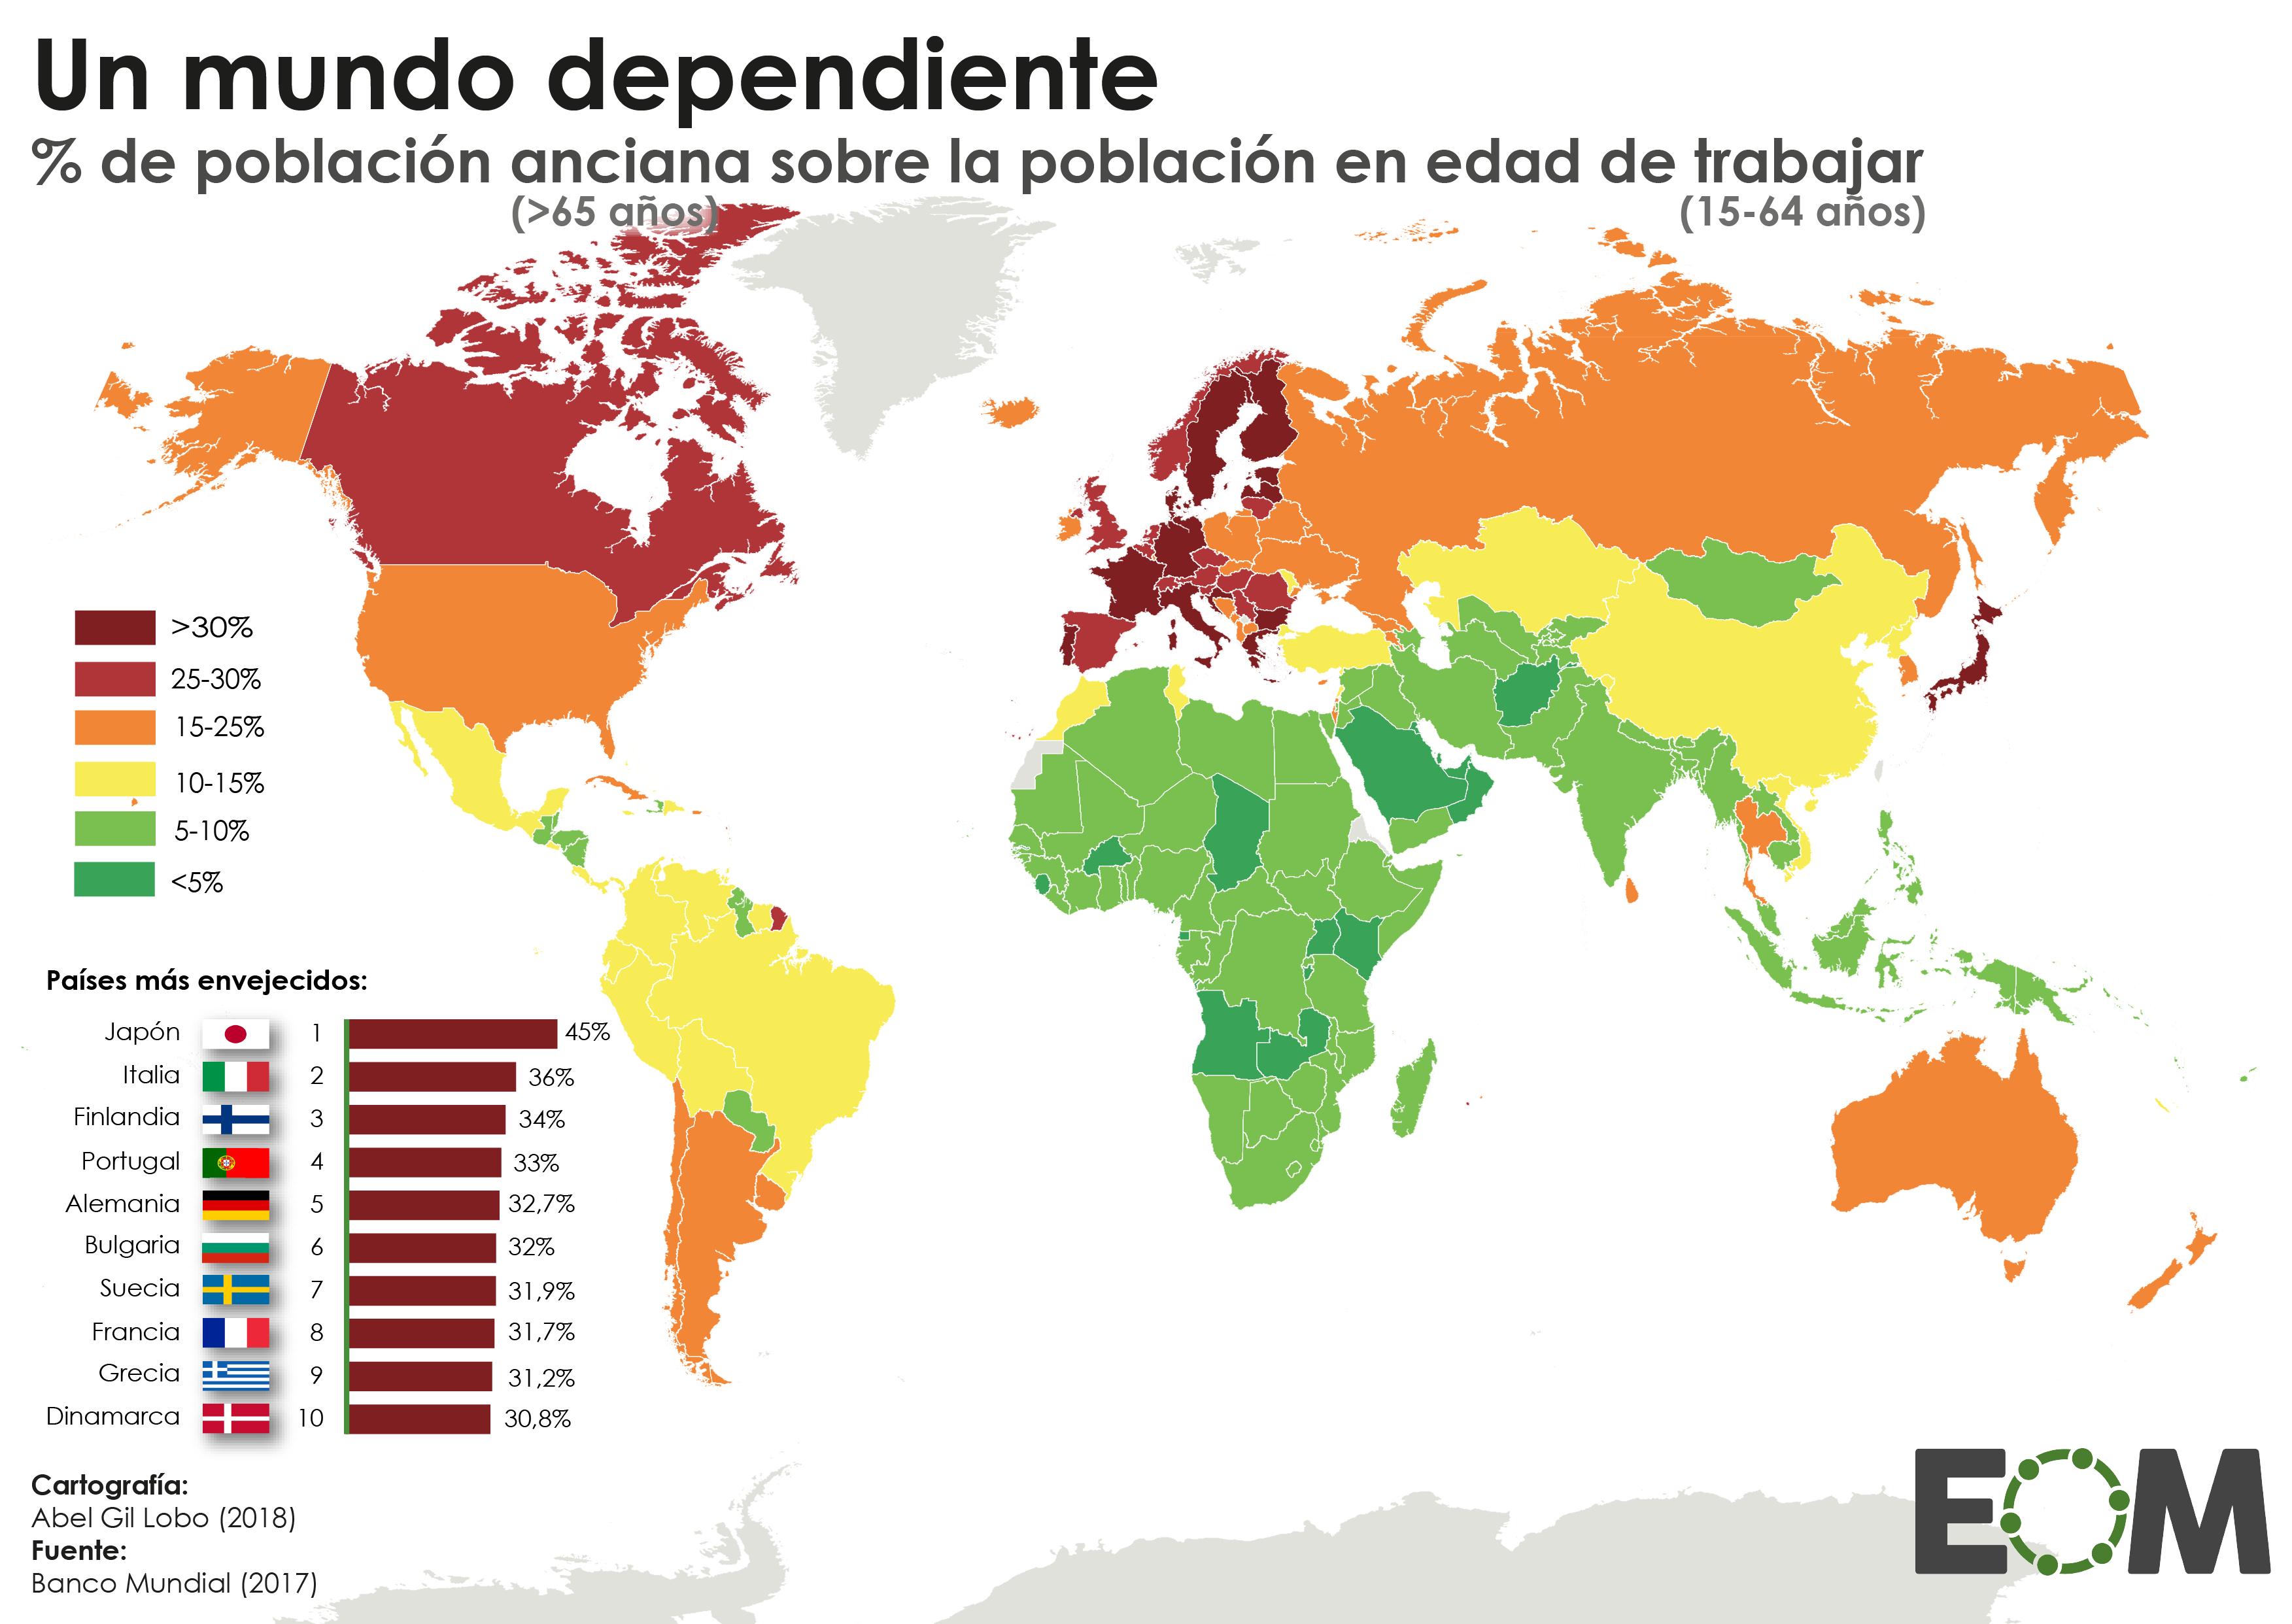 Mundo-Sociedad-Demografía-Salud-Dependencia-de-los-países-de-la-población-anciana